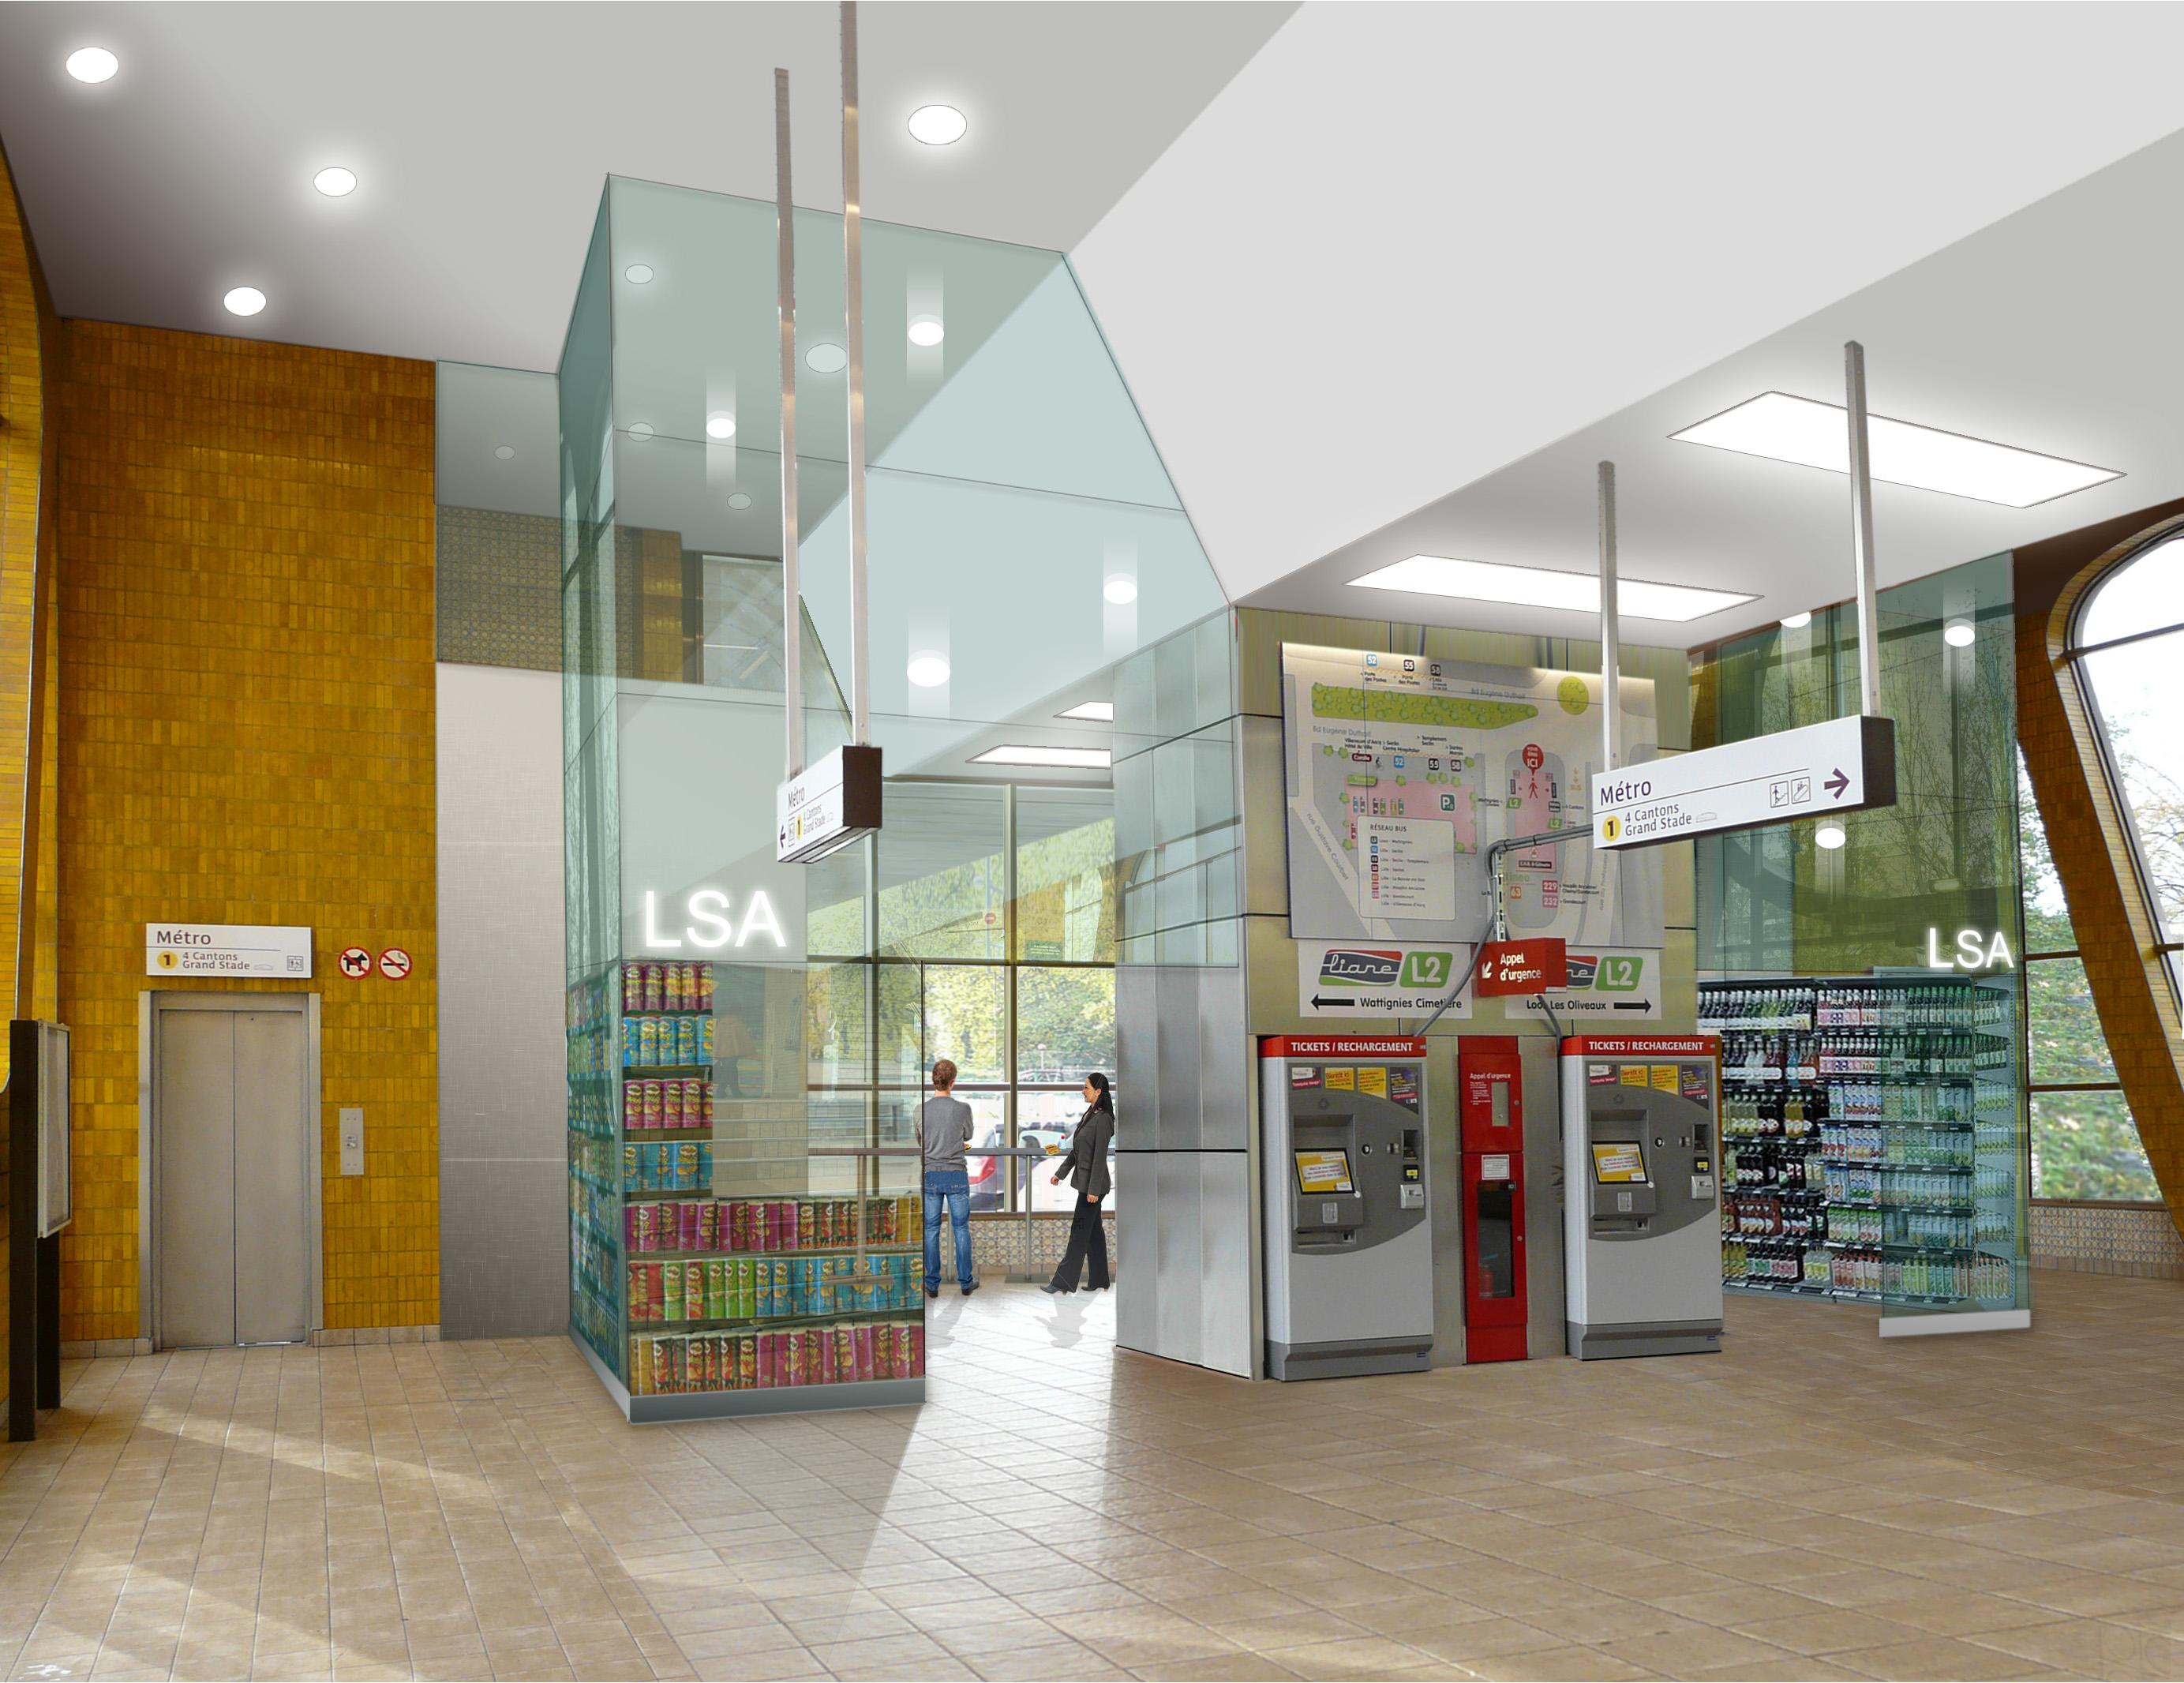 commerces station Calmette